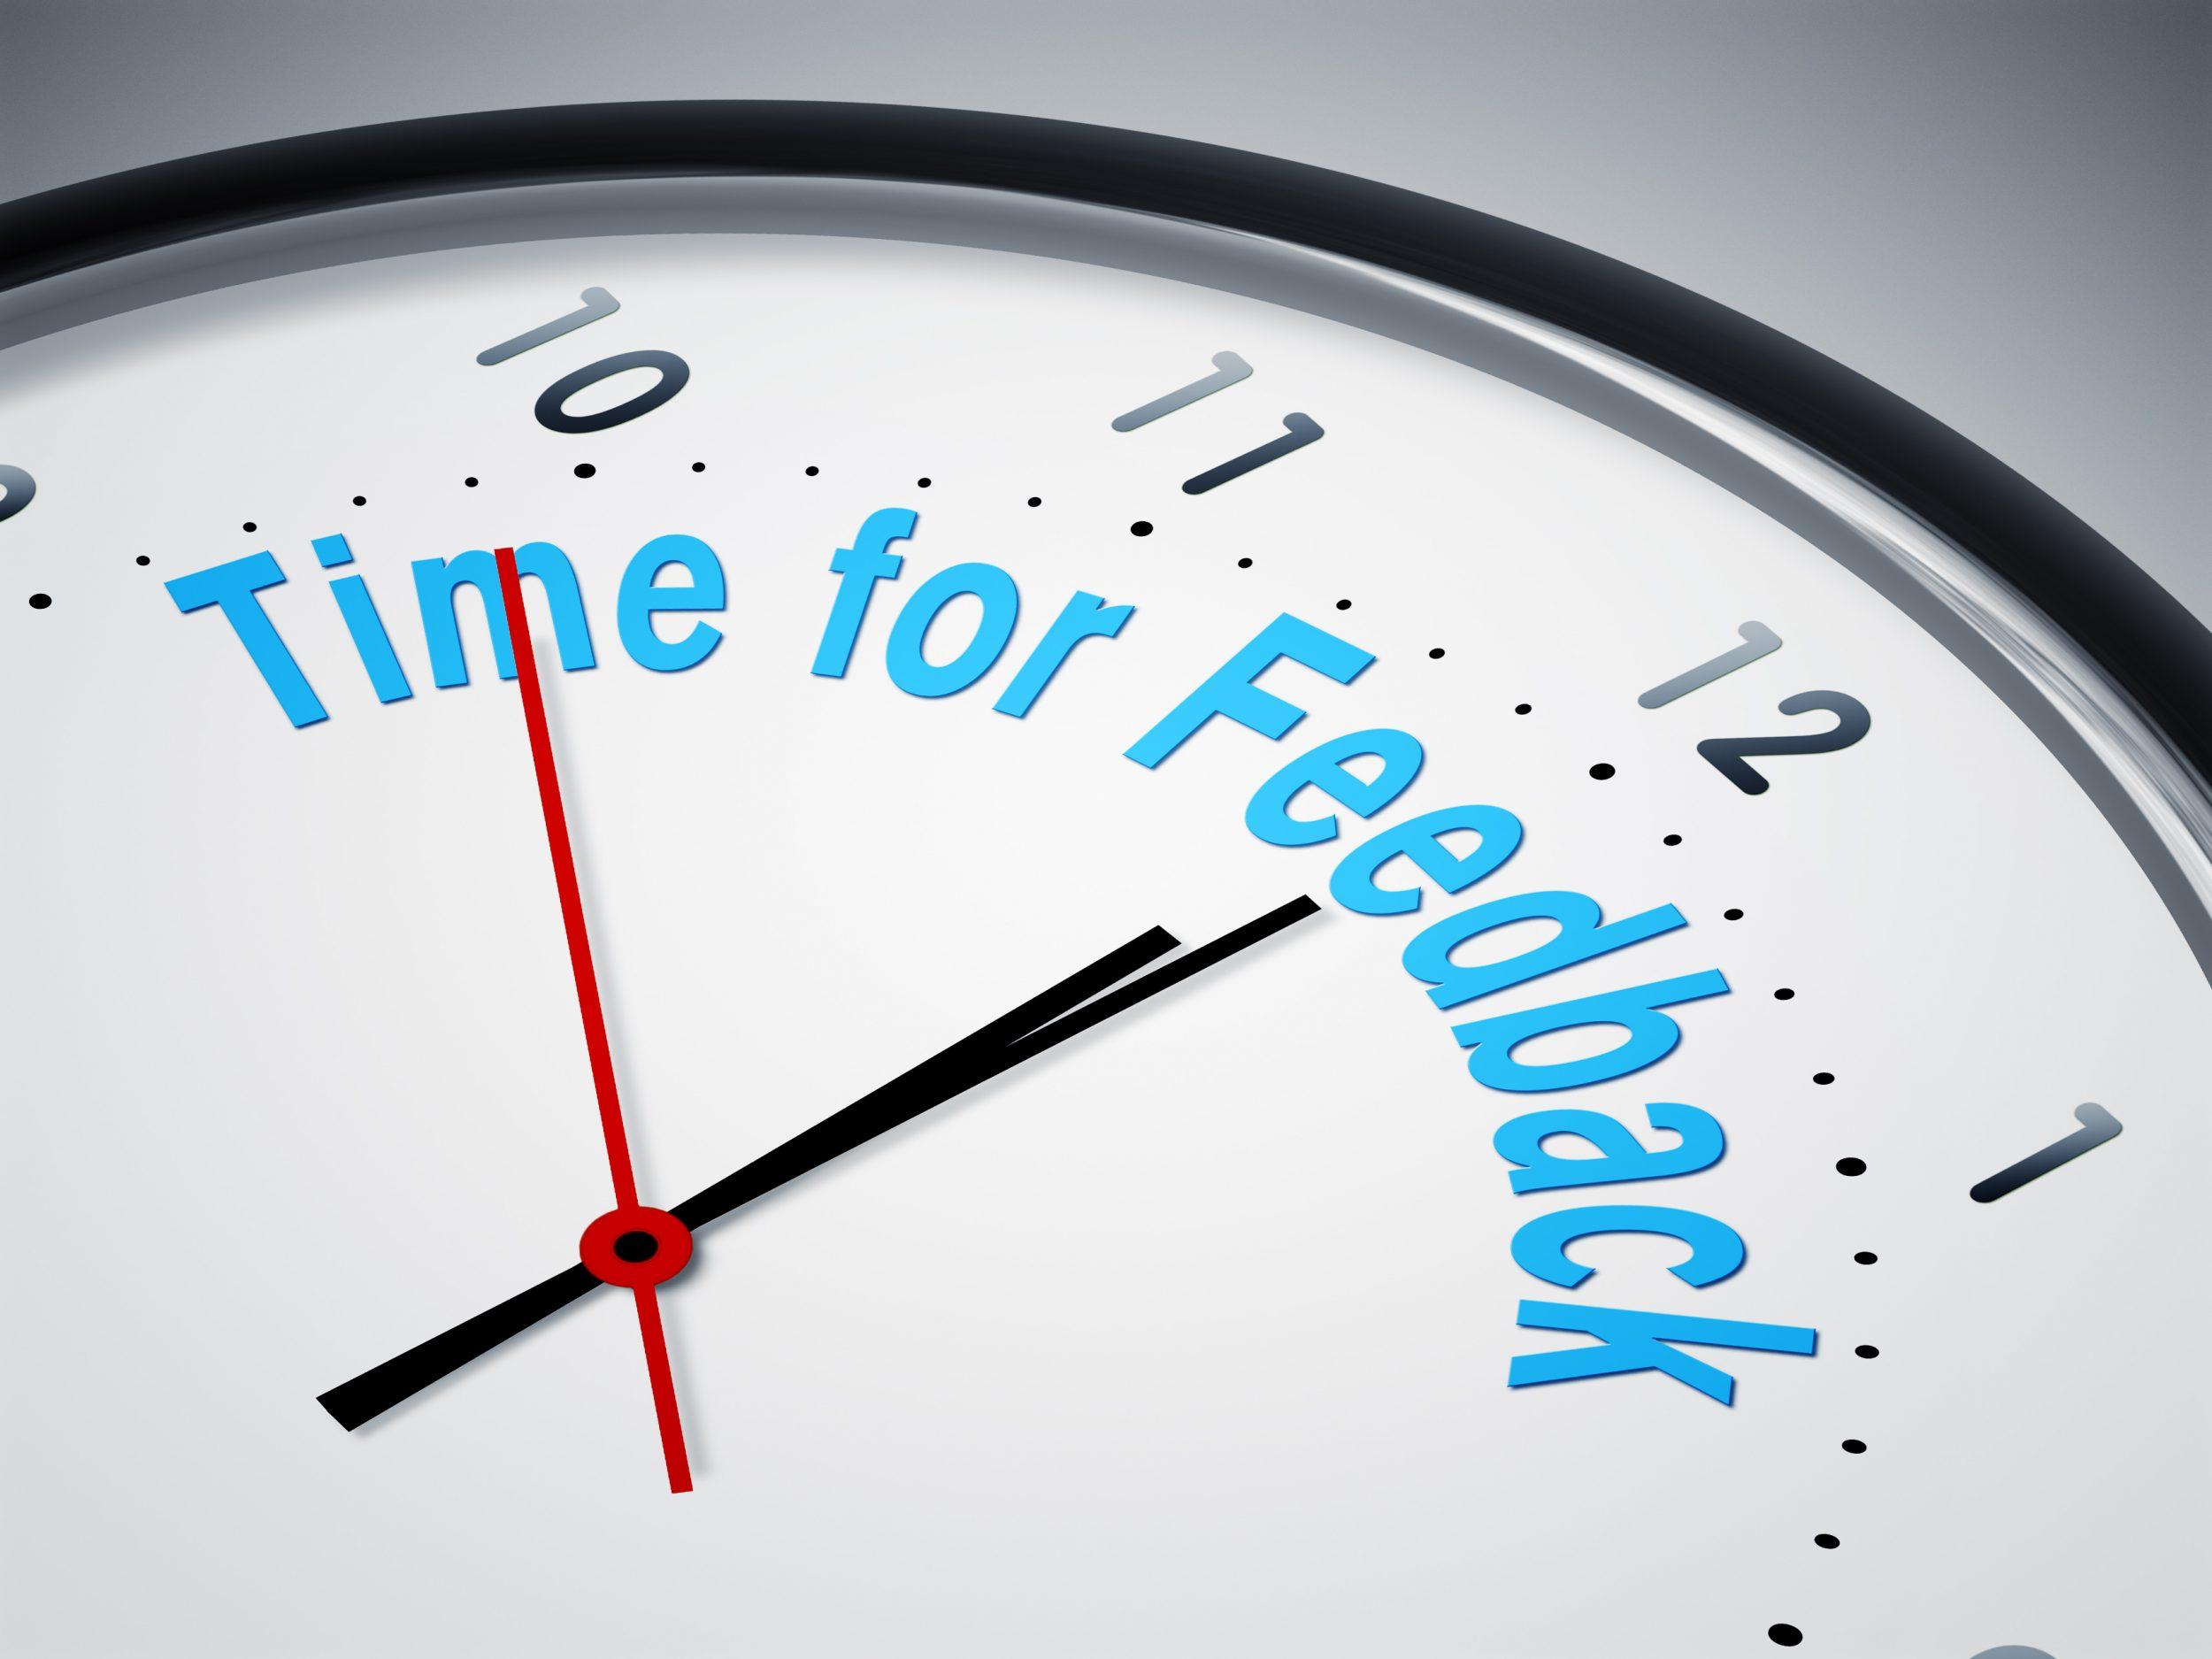 Klocka där det står att det är dags för feedback.